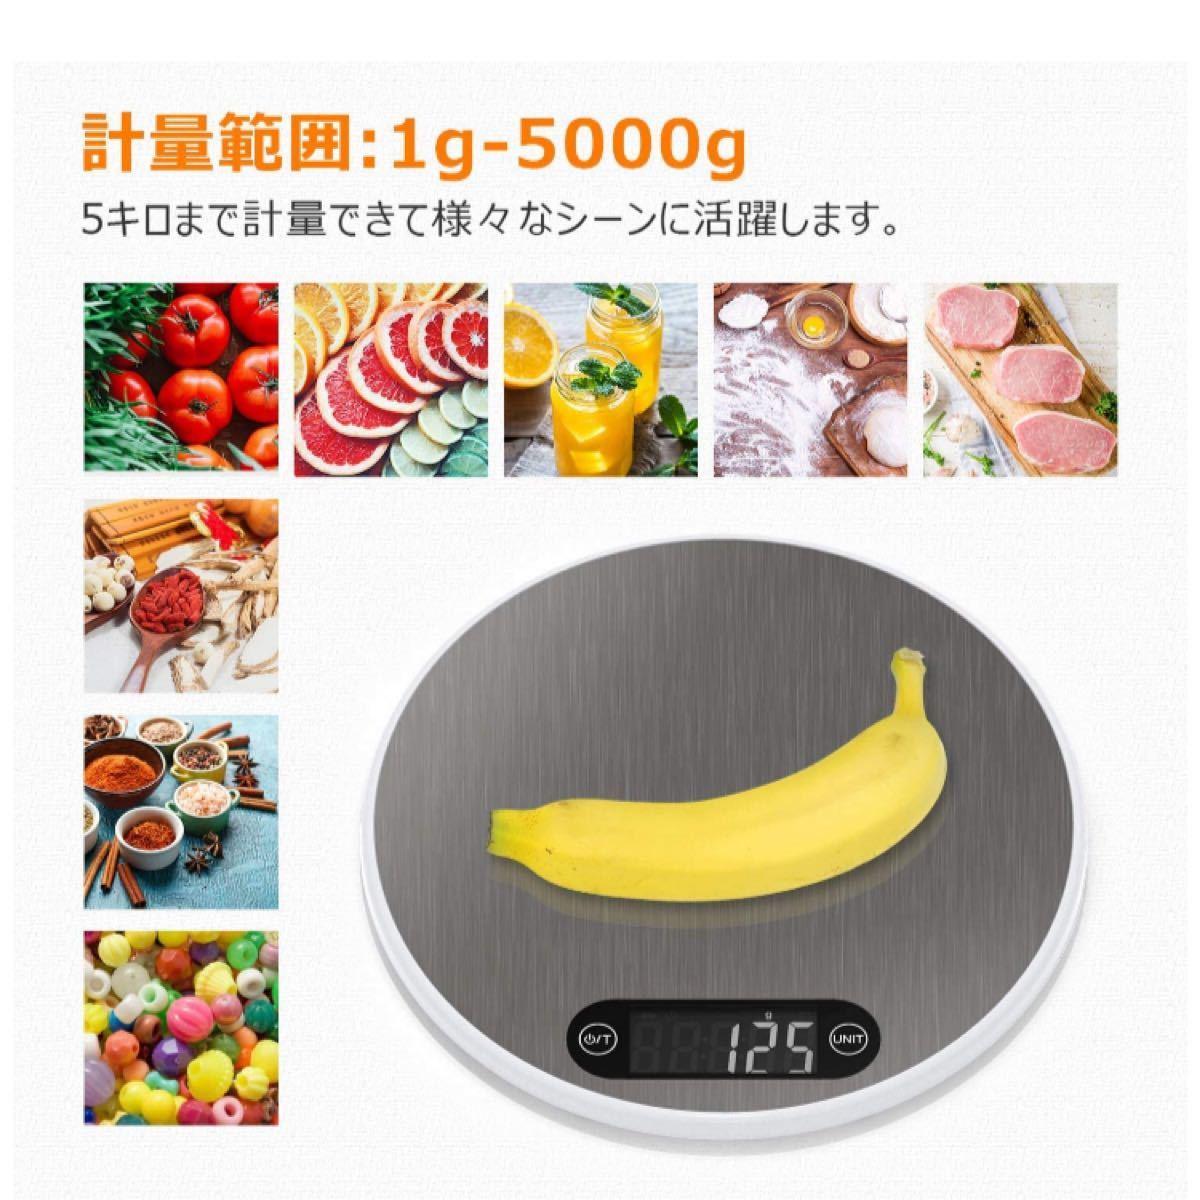 キッチンスケール デジタルはかり 3040